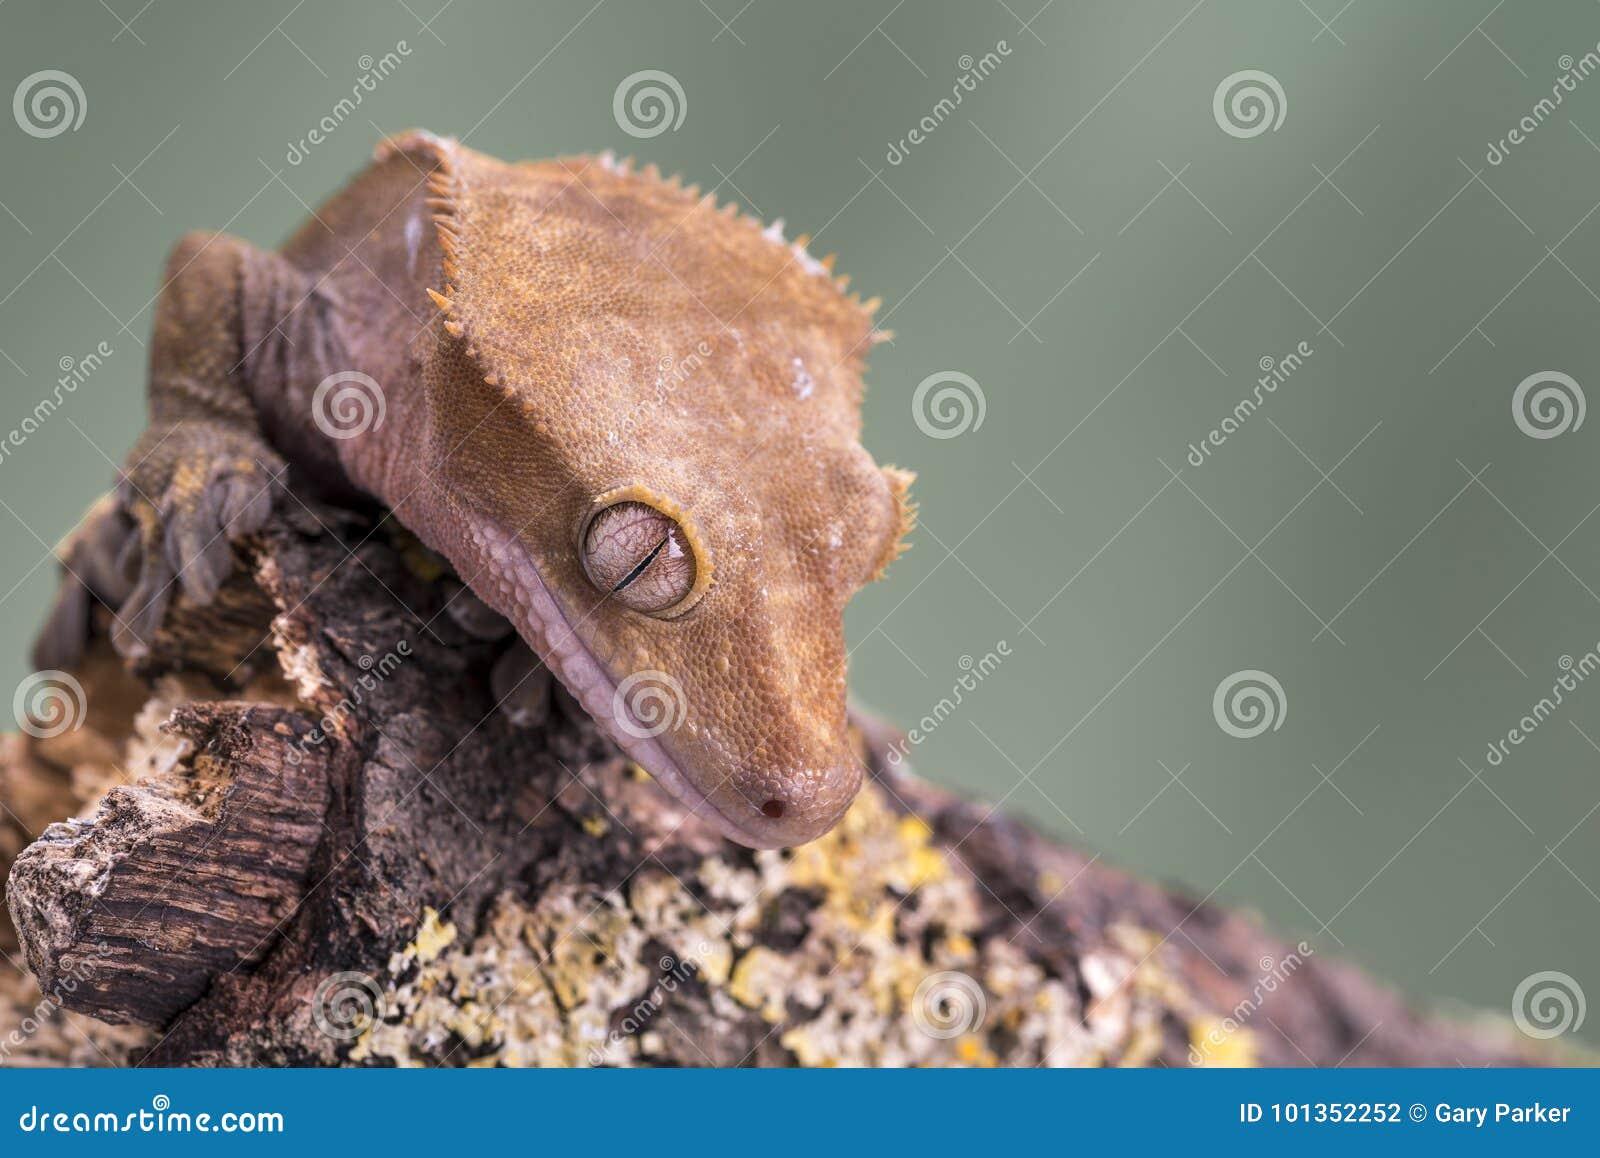 λοφιοφόρο gecko Απομονωμένος σε ένα χαμηλωμένο πράσινο κλίμα Εστίαση στα μάτια